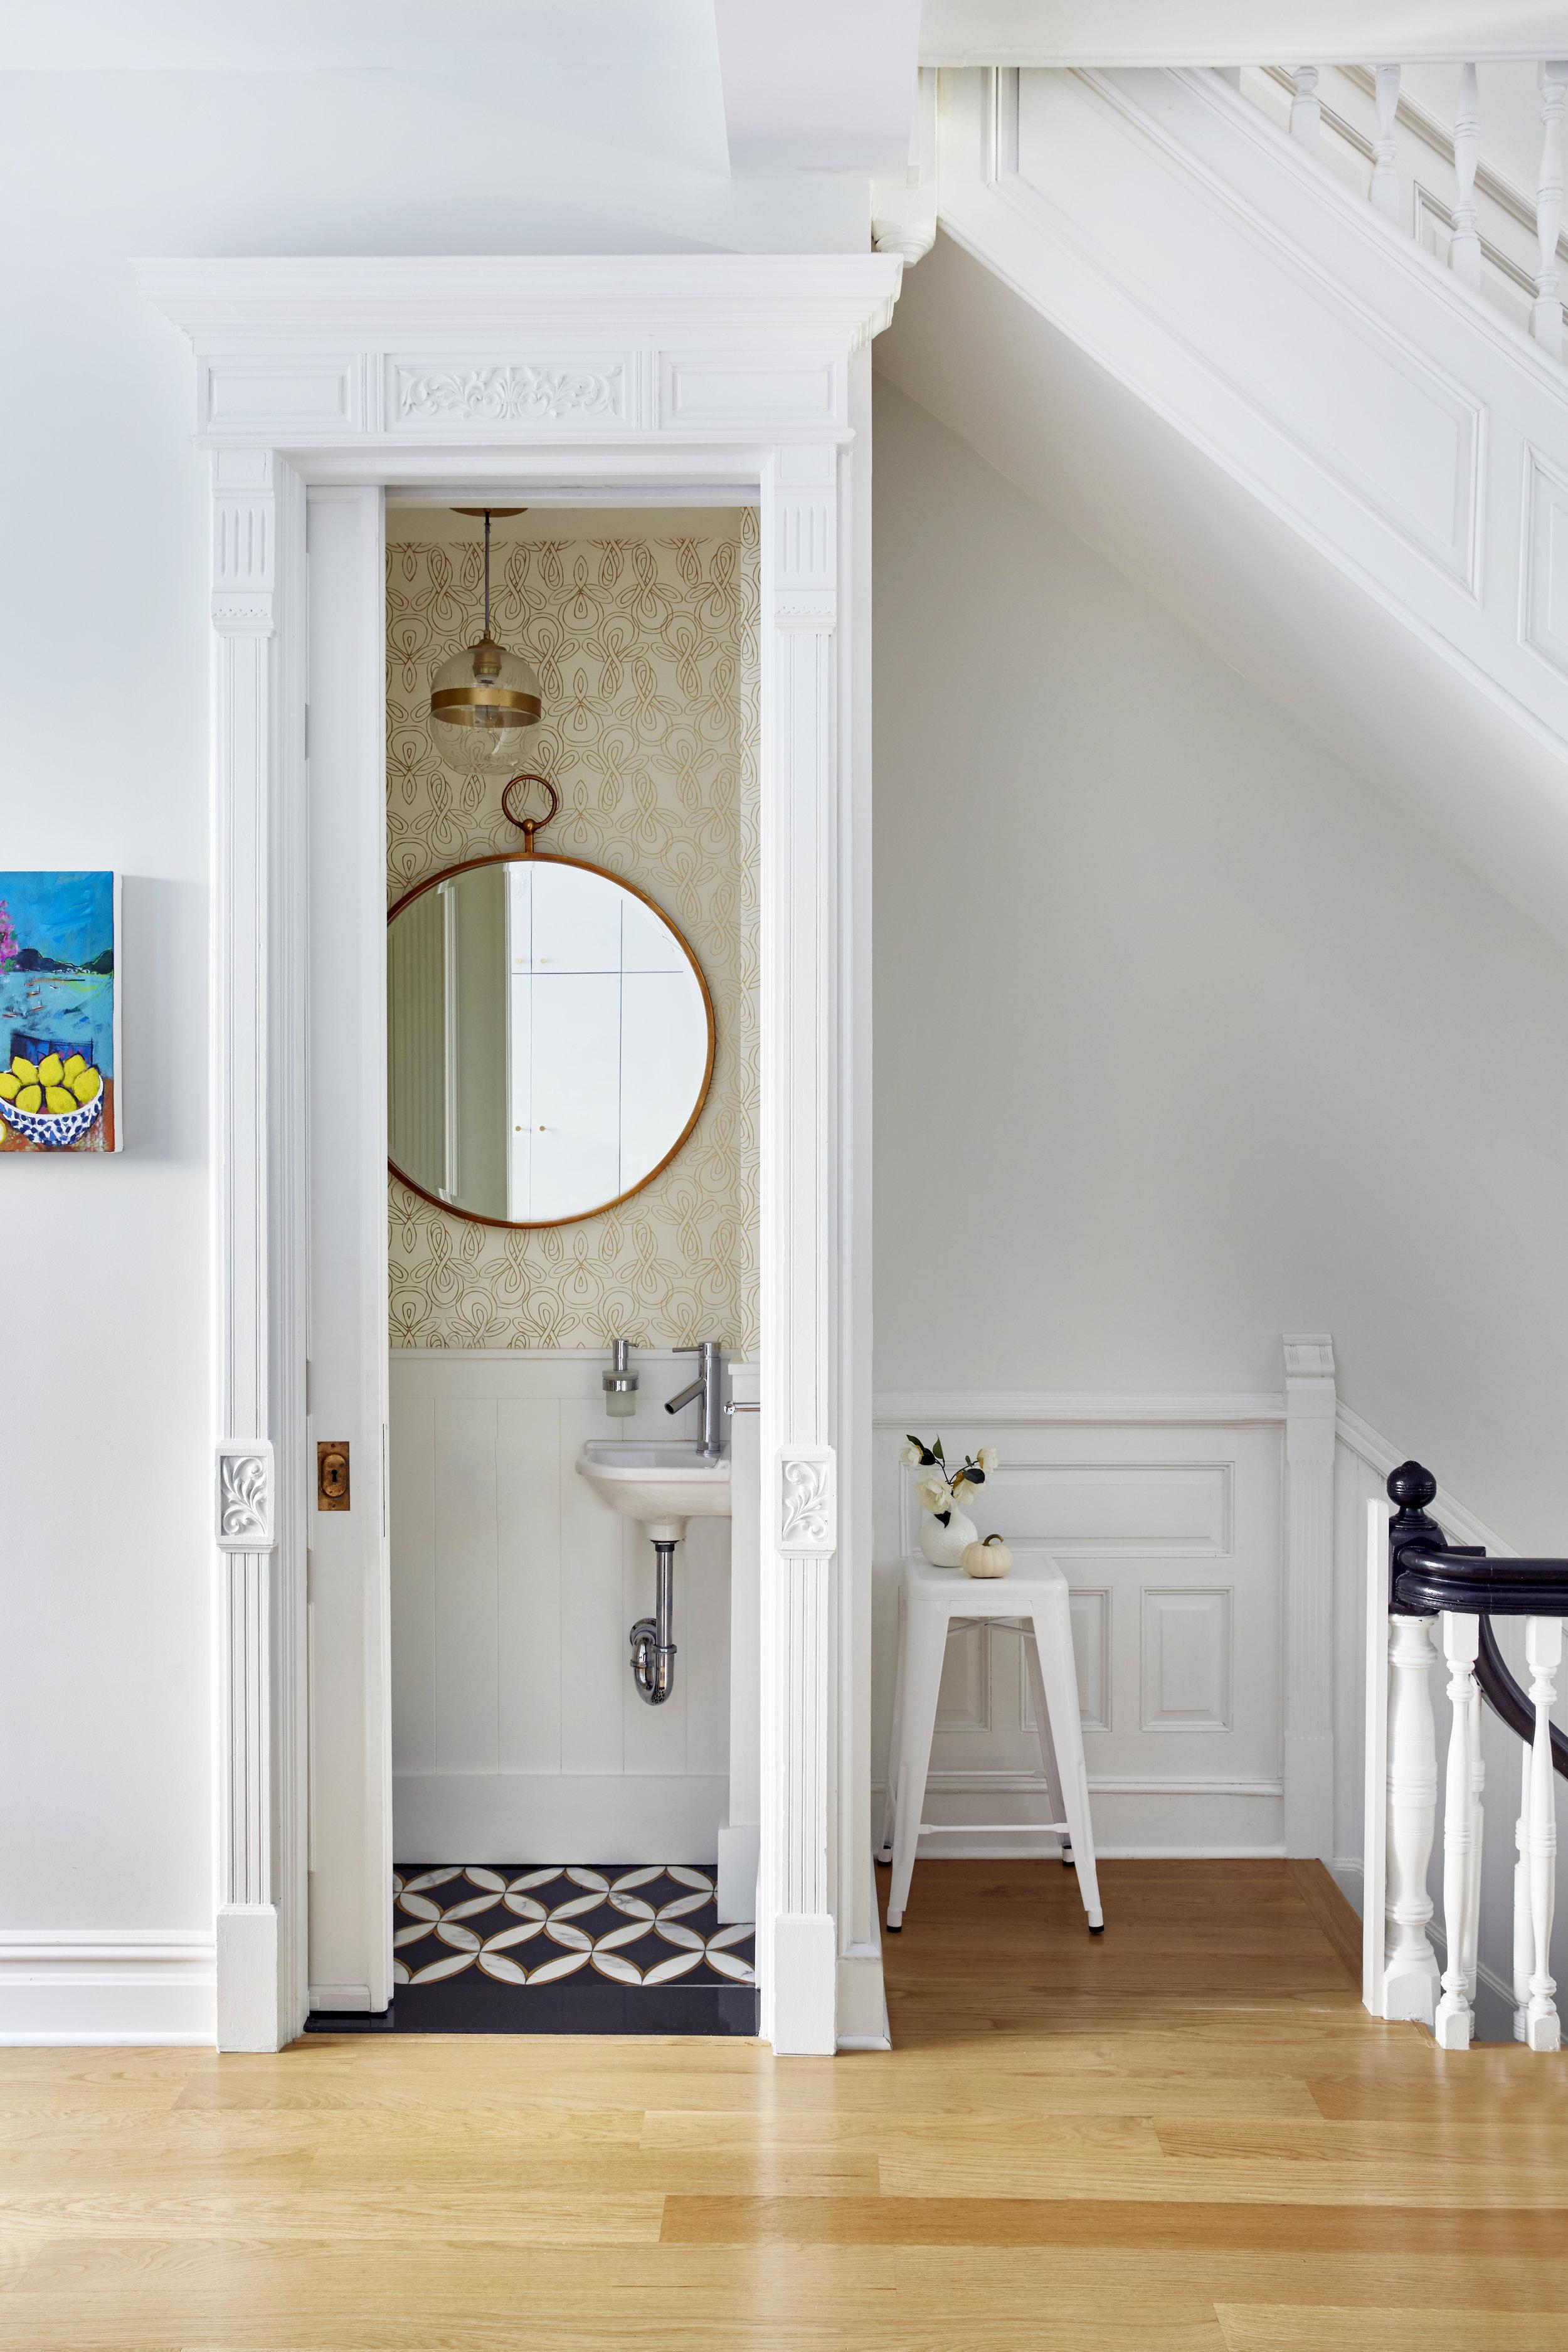 Powder-Room-Art-Deco-Tiles-Park-Slope-Jmorris-Design.jpg